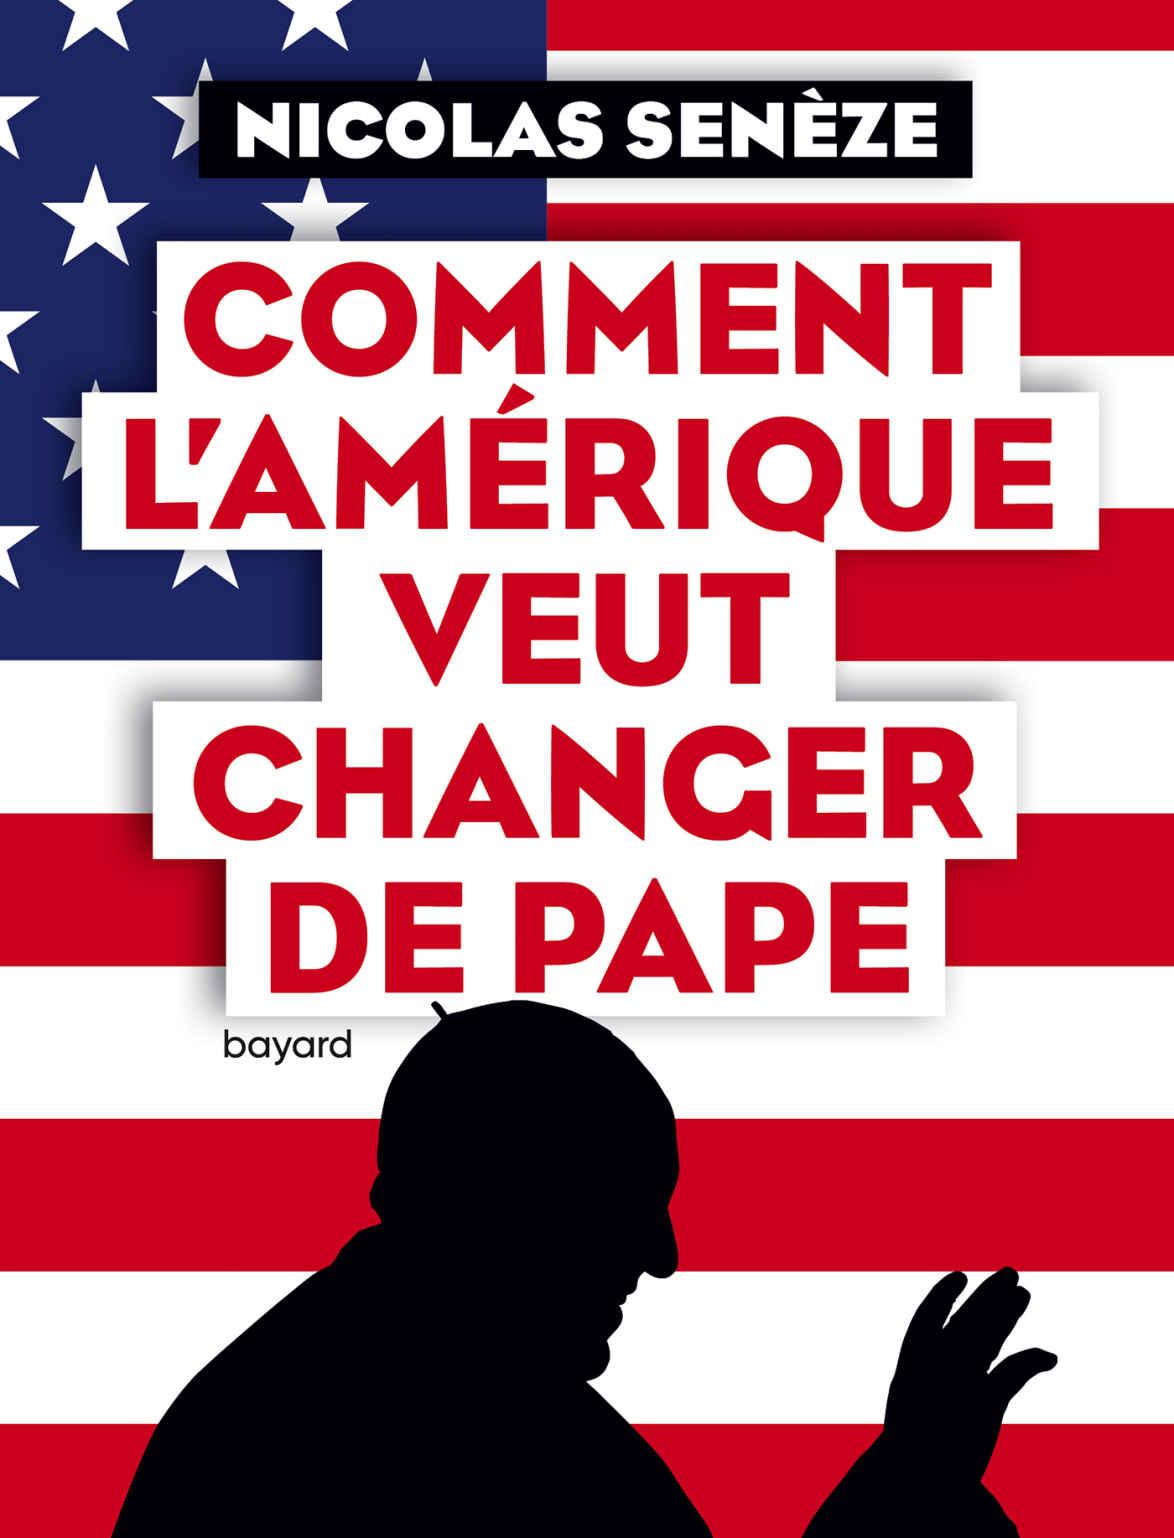 """Un incontournable livre : """"COMMENT L'AMÉRIQUE VEUT CHANGER LE PAPE"""" (Bayard) : « Ce livre est une bombe » réagit François 560602474"""